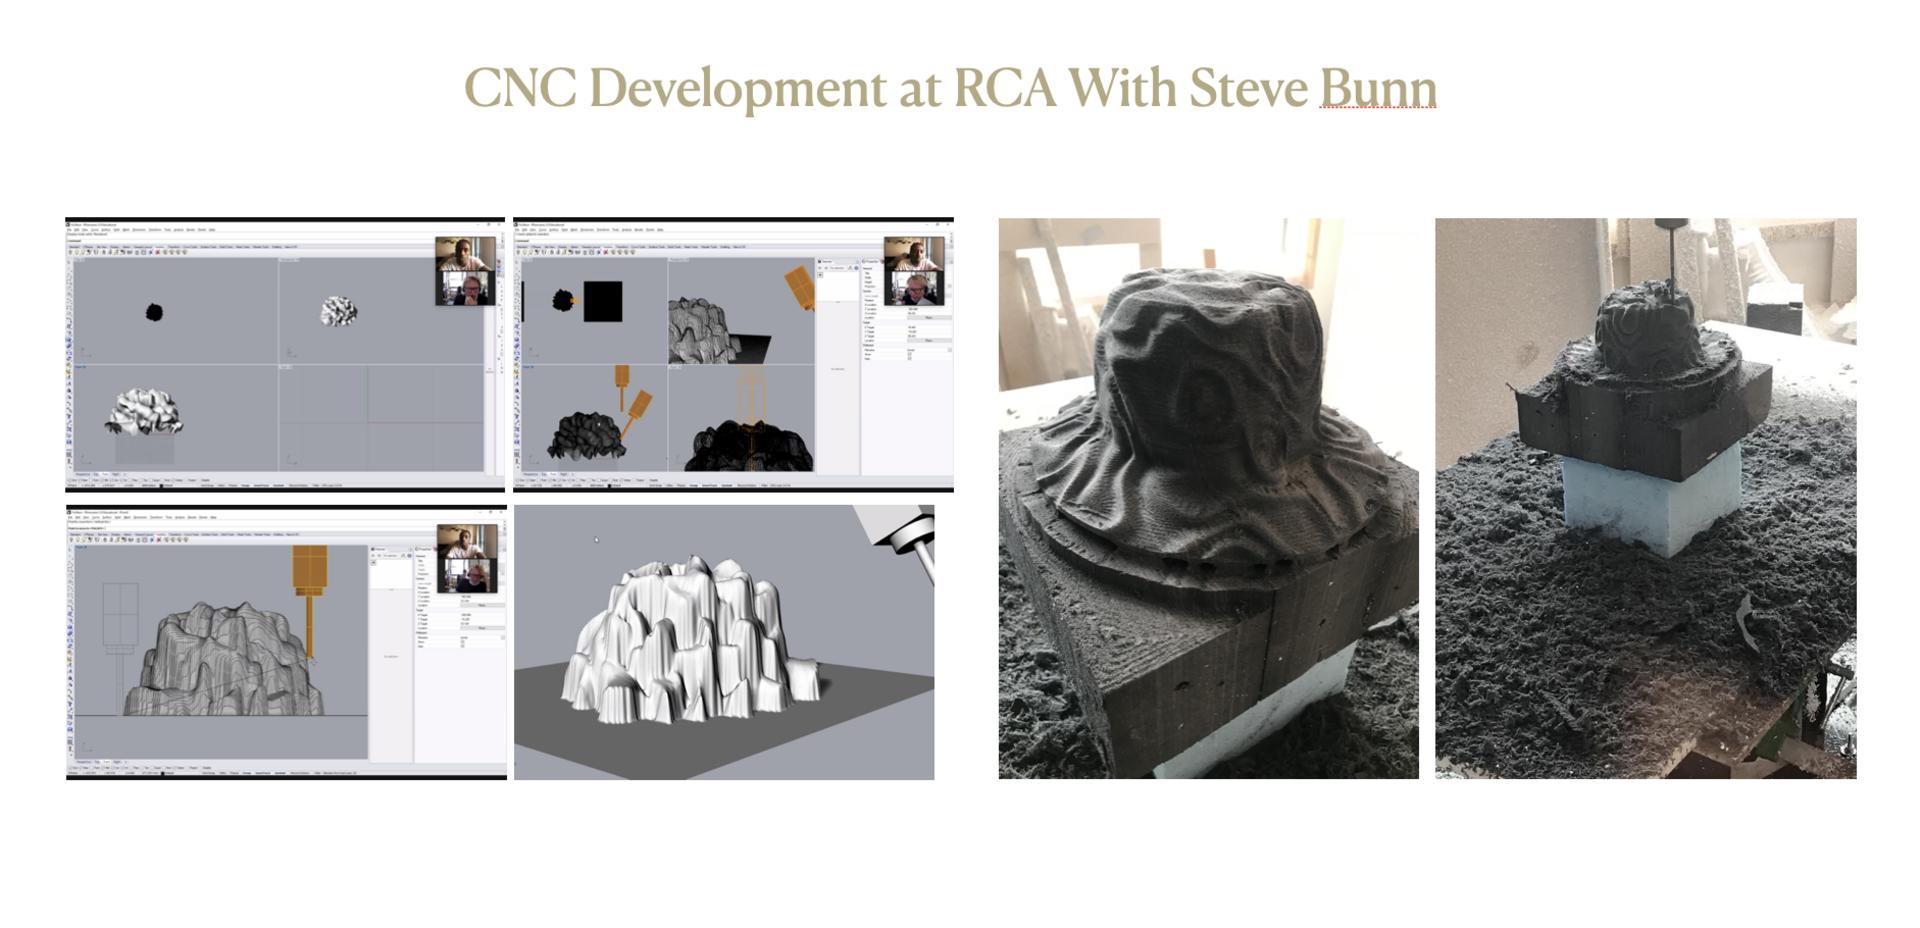 CNC Development